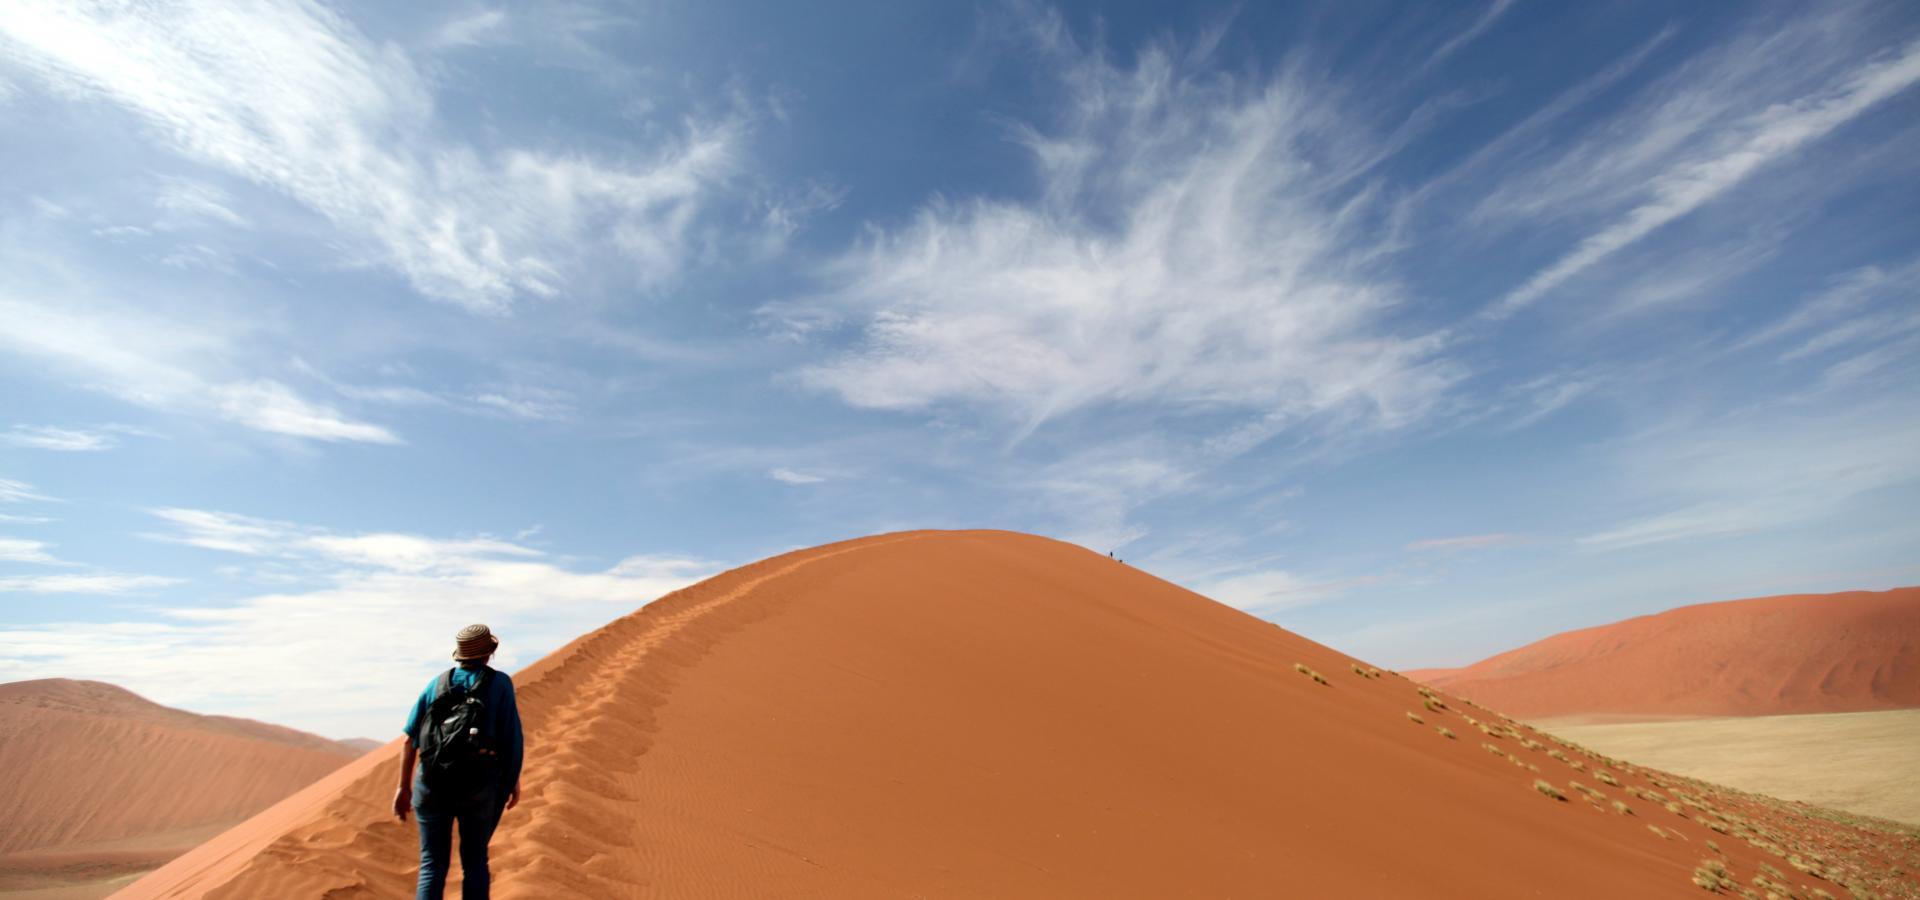 Unternehmen Sie eine eindrucksvolle und schweißtreibende Wanderung auf den orangefarbenen Dünen des Sossusvlei in Namibia